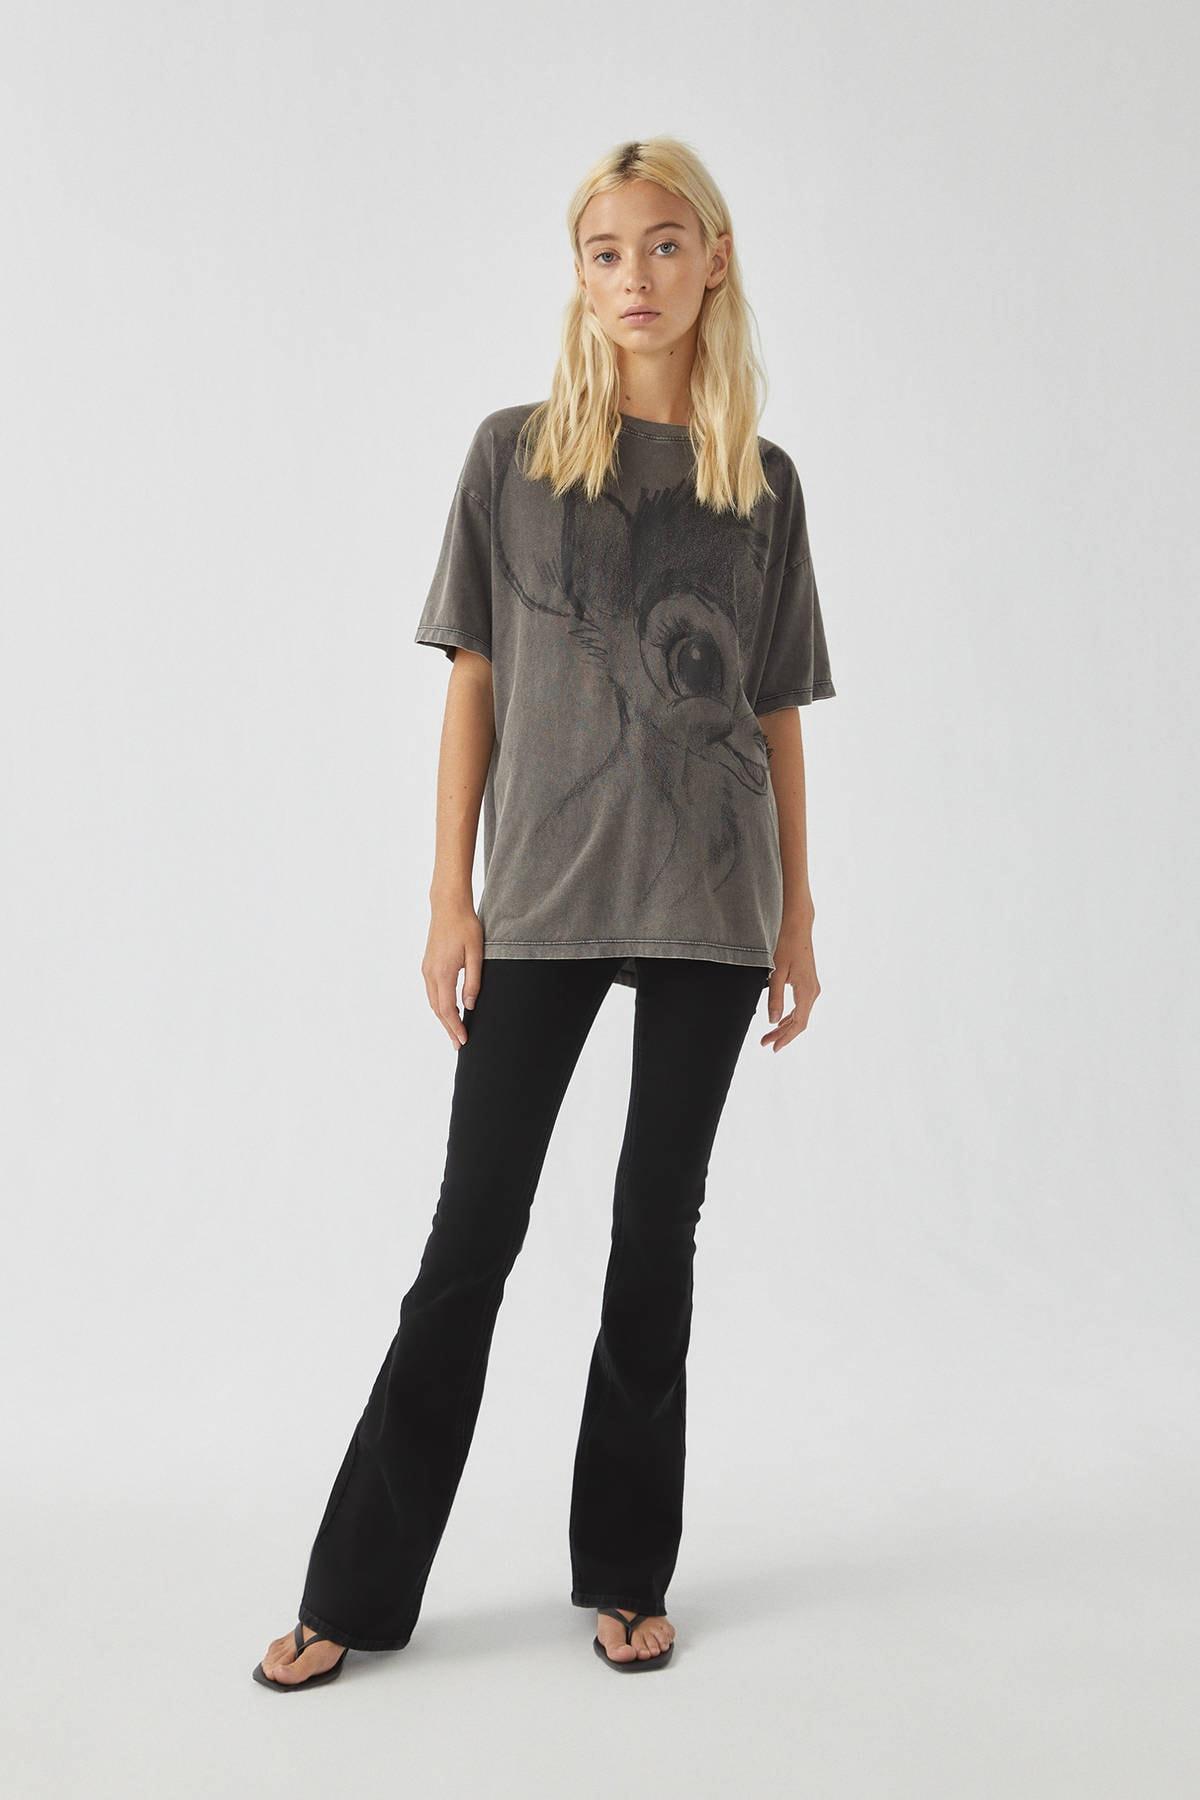 Pull & Bear Kadın Soluk Siyah Bambi Görselli Siyah T-Shirt 09247308 2